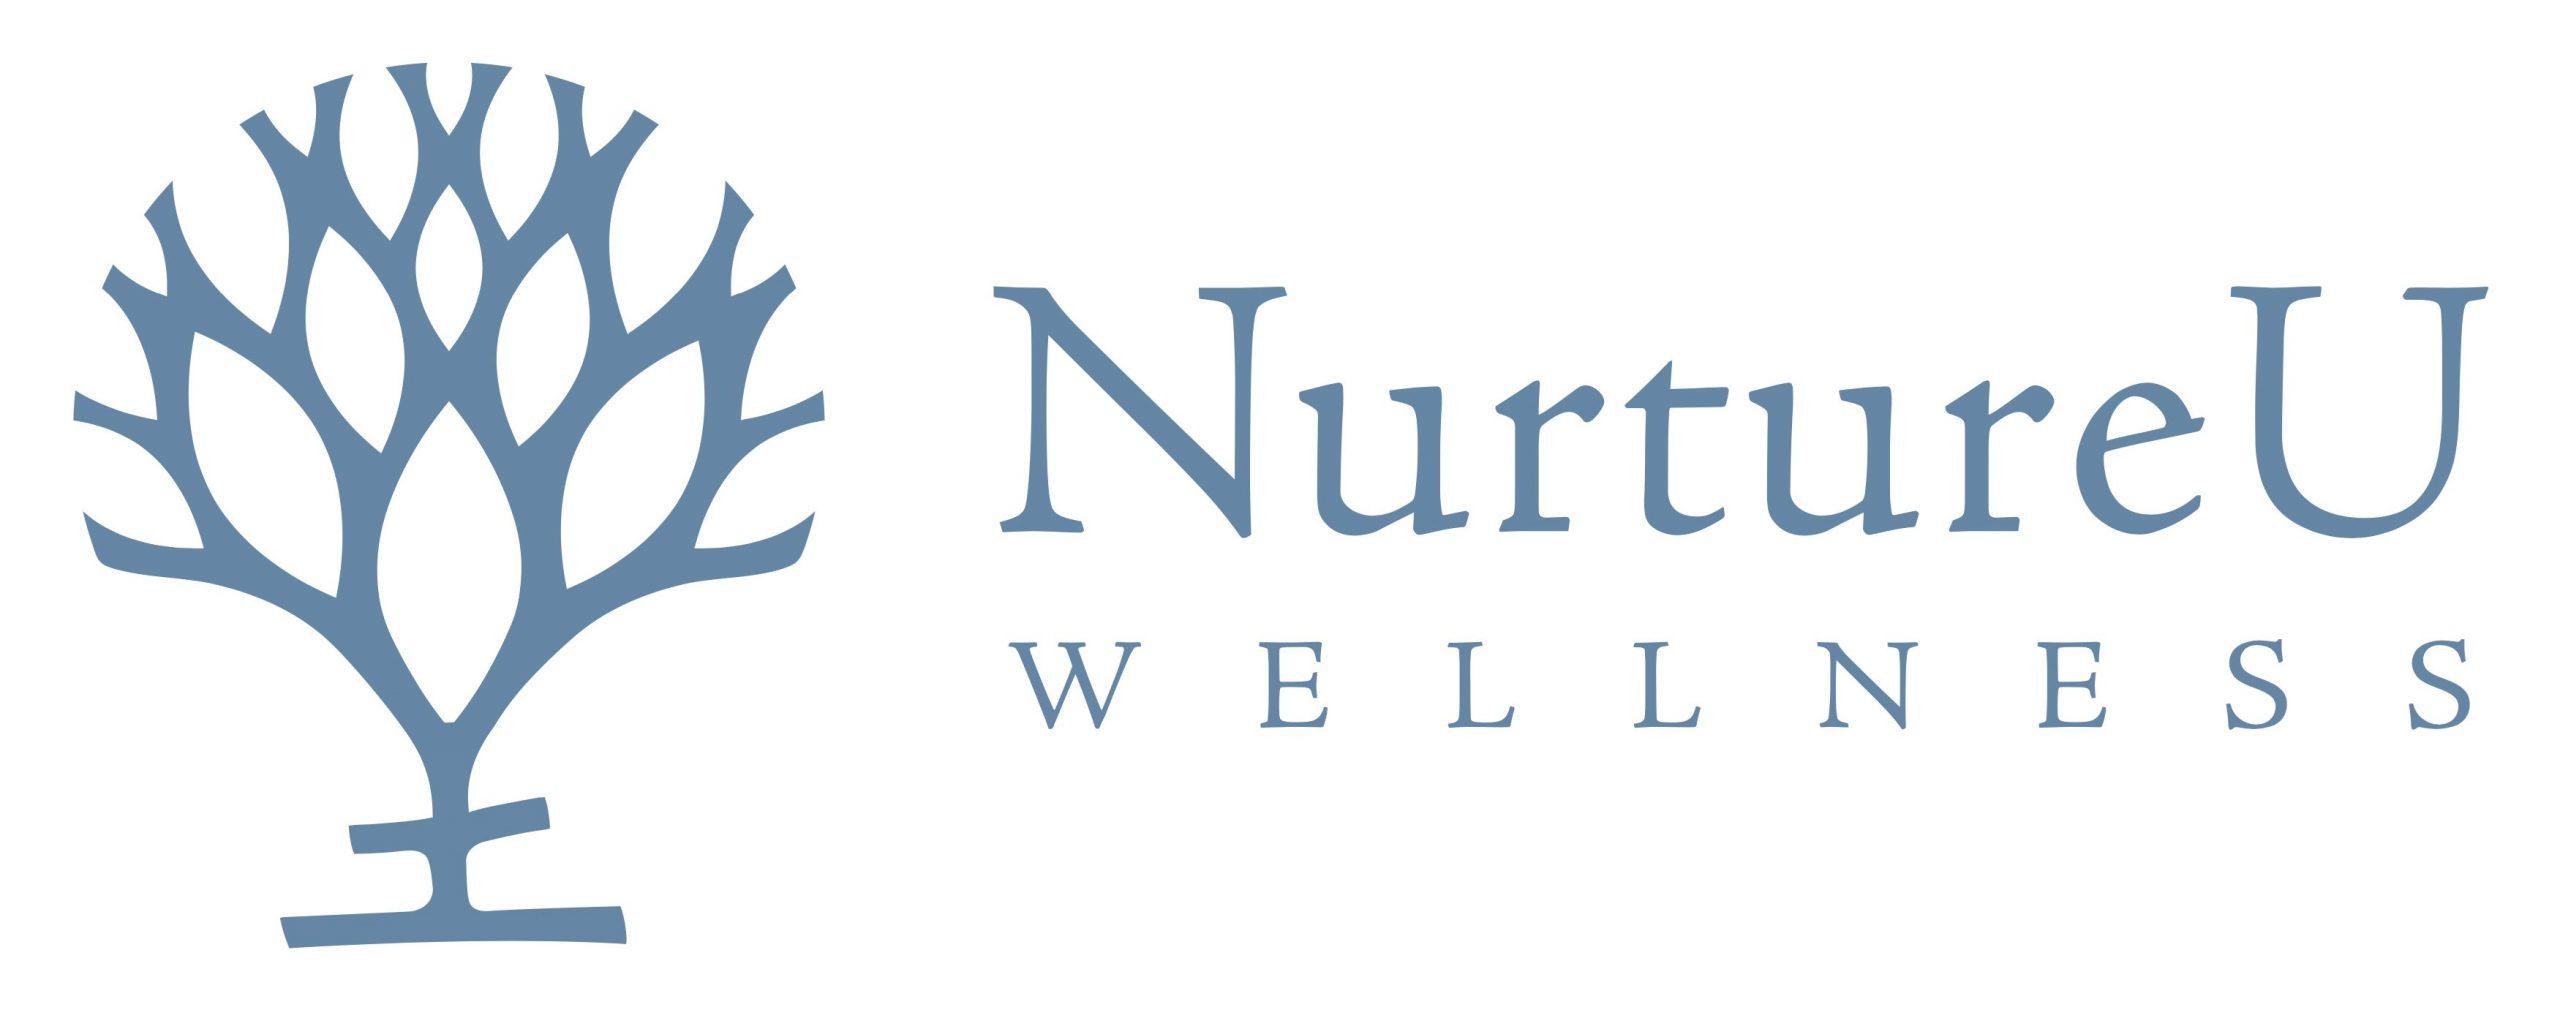 NurtureU Wellness